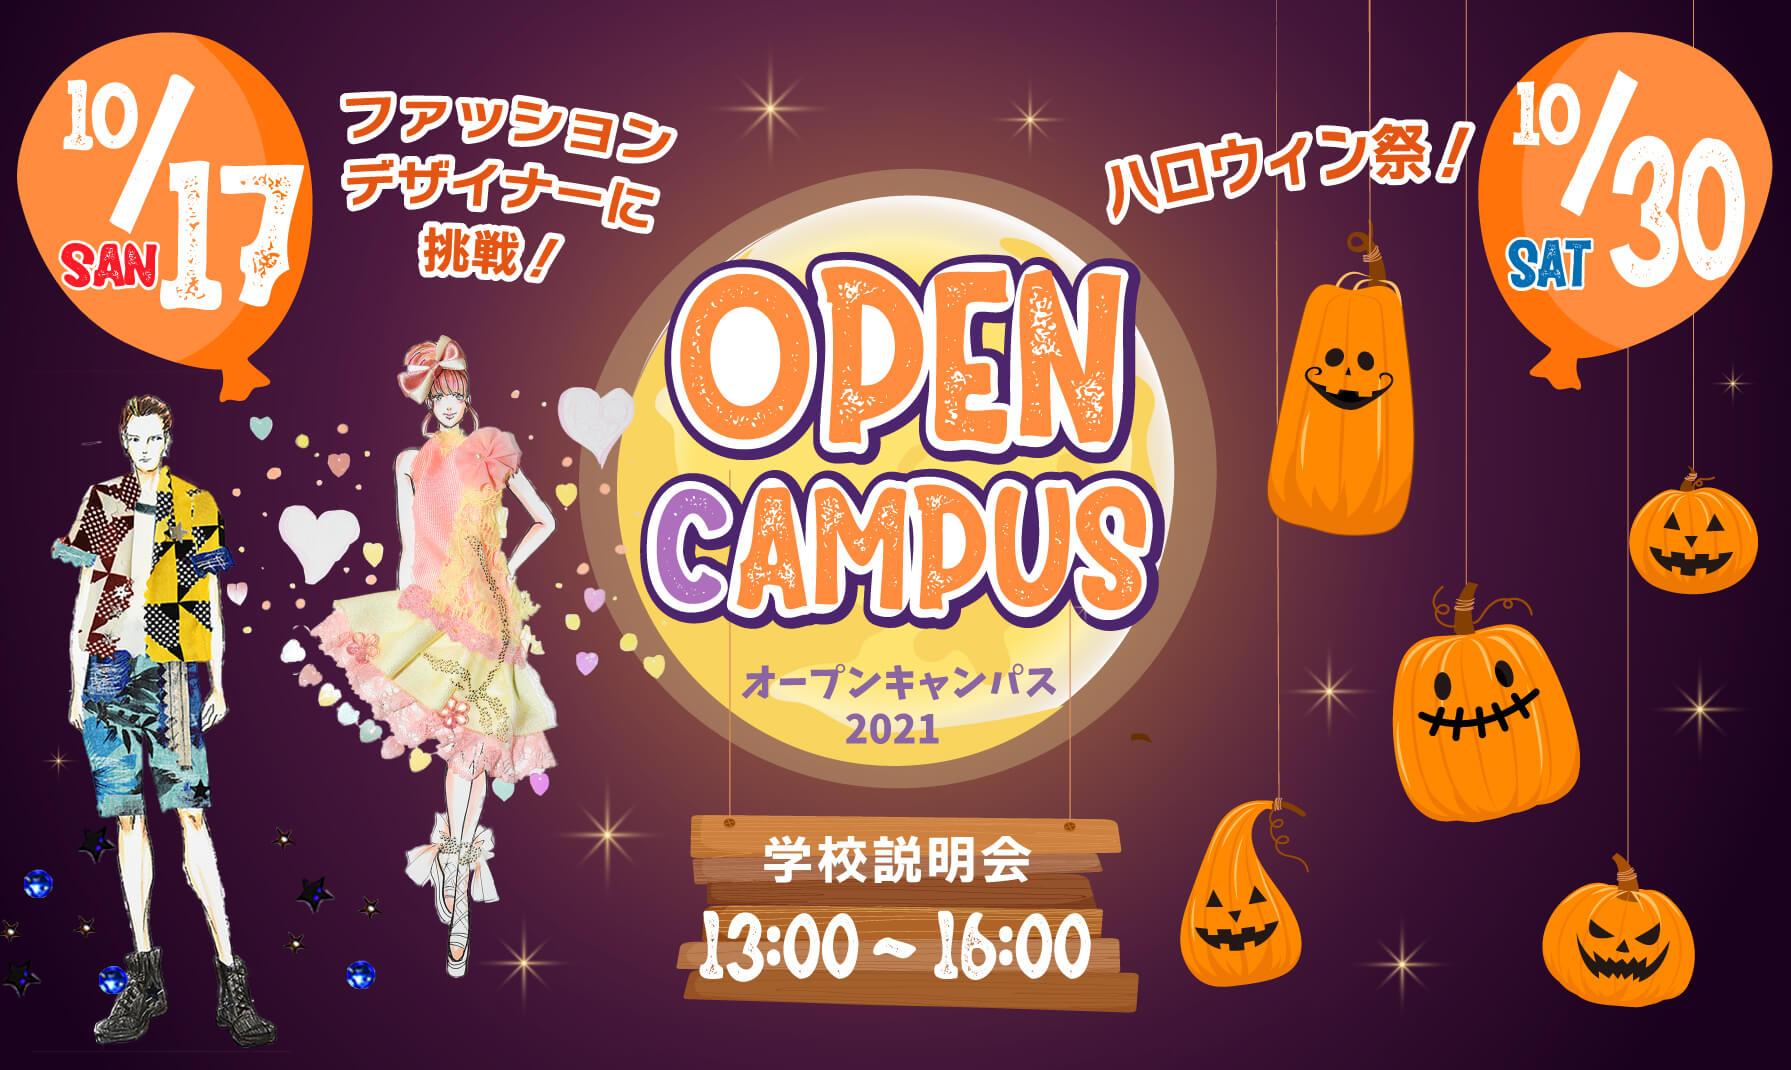 江東服飾高等専修学校 - オープンキャンパス 10月